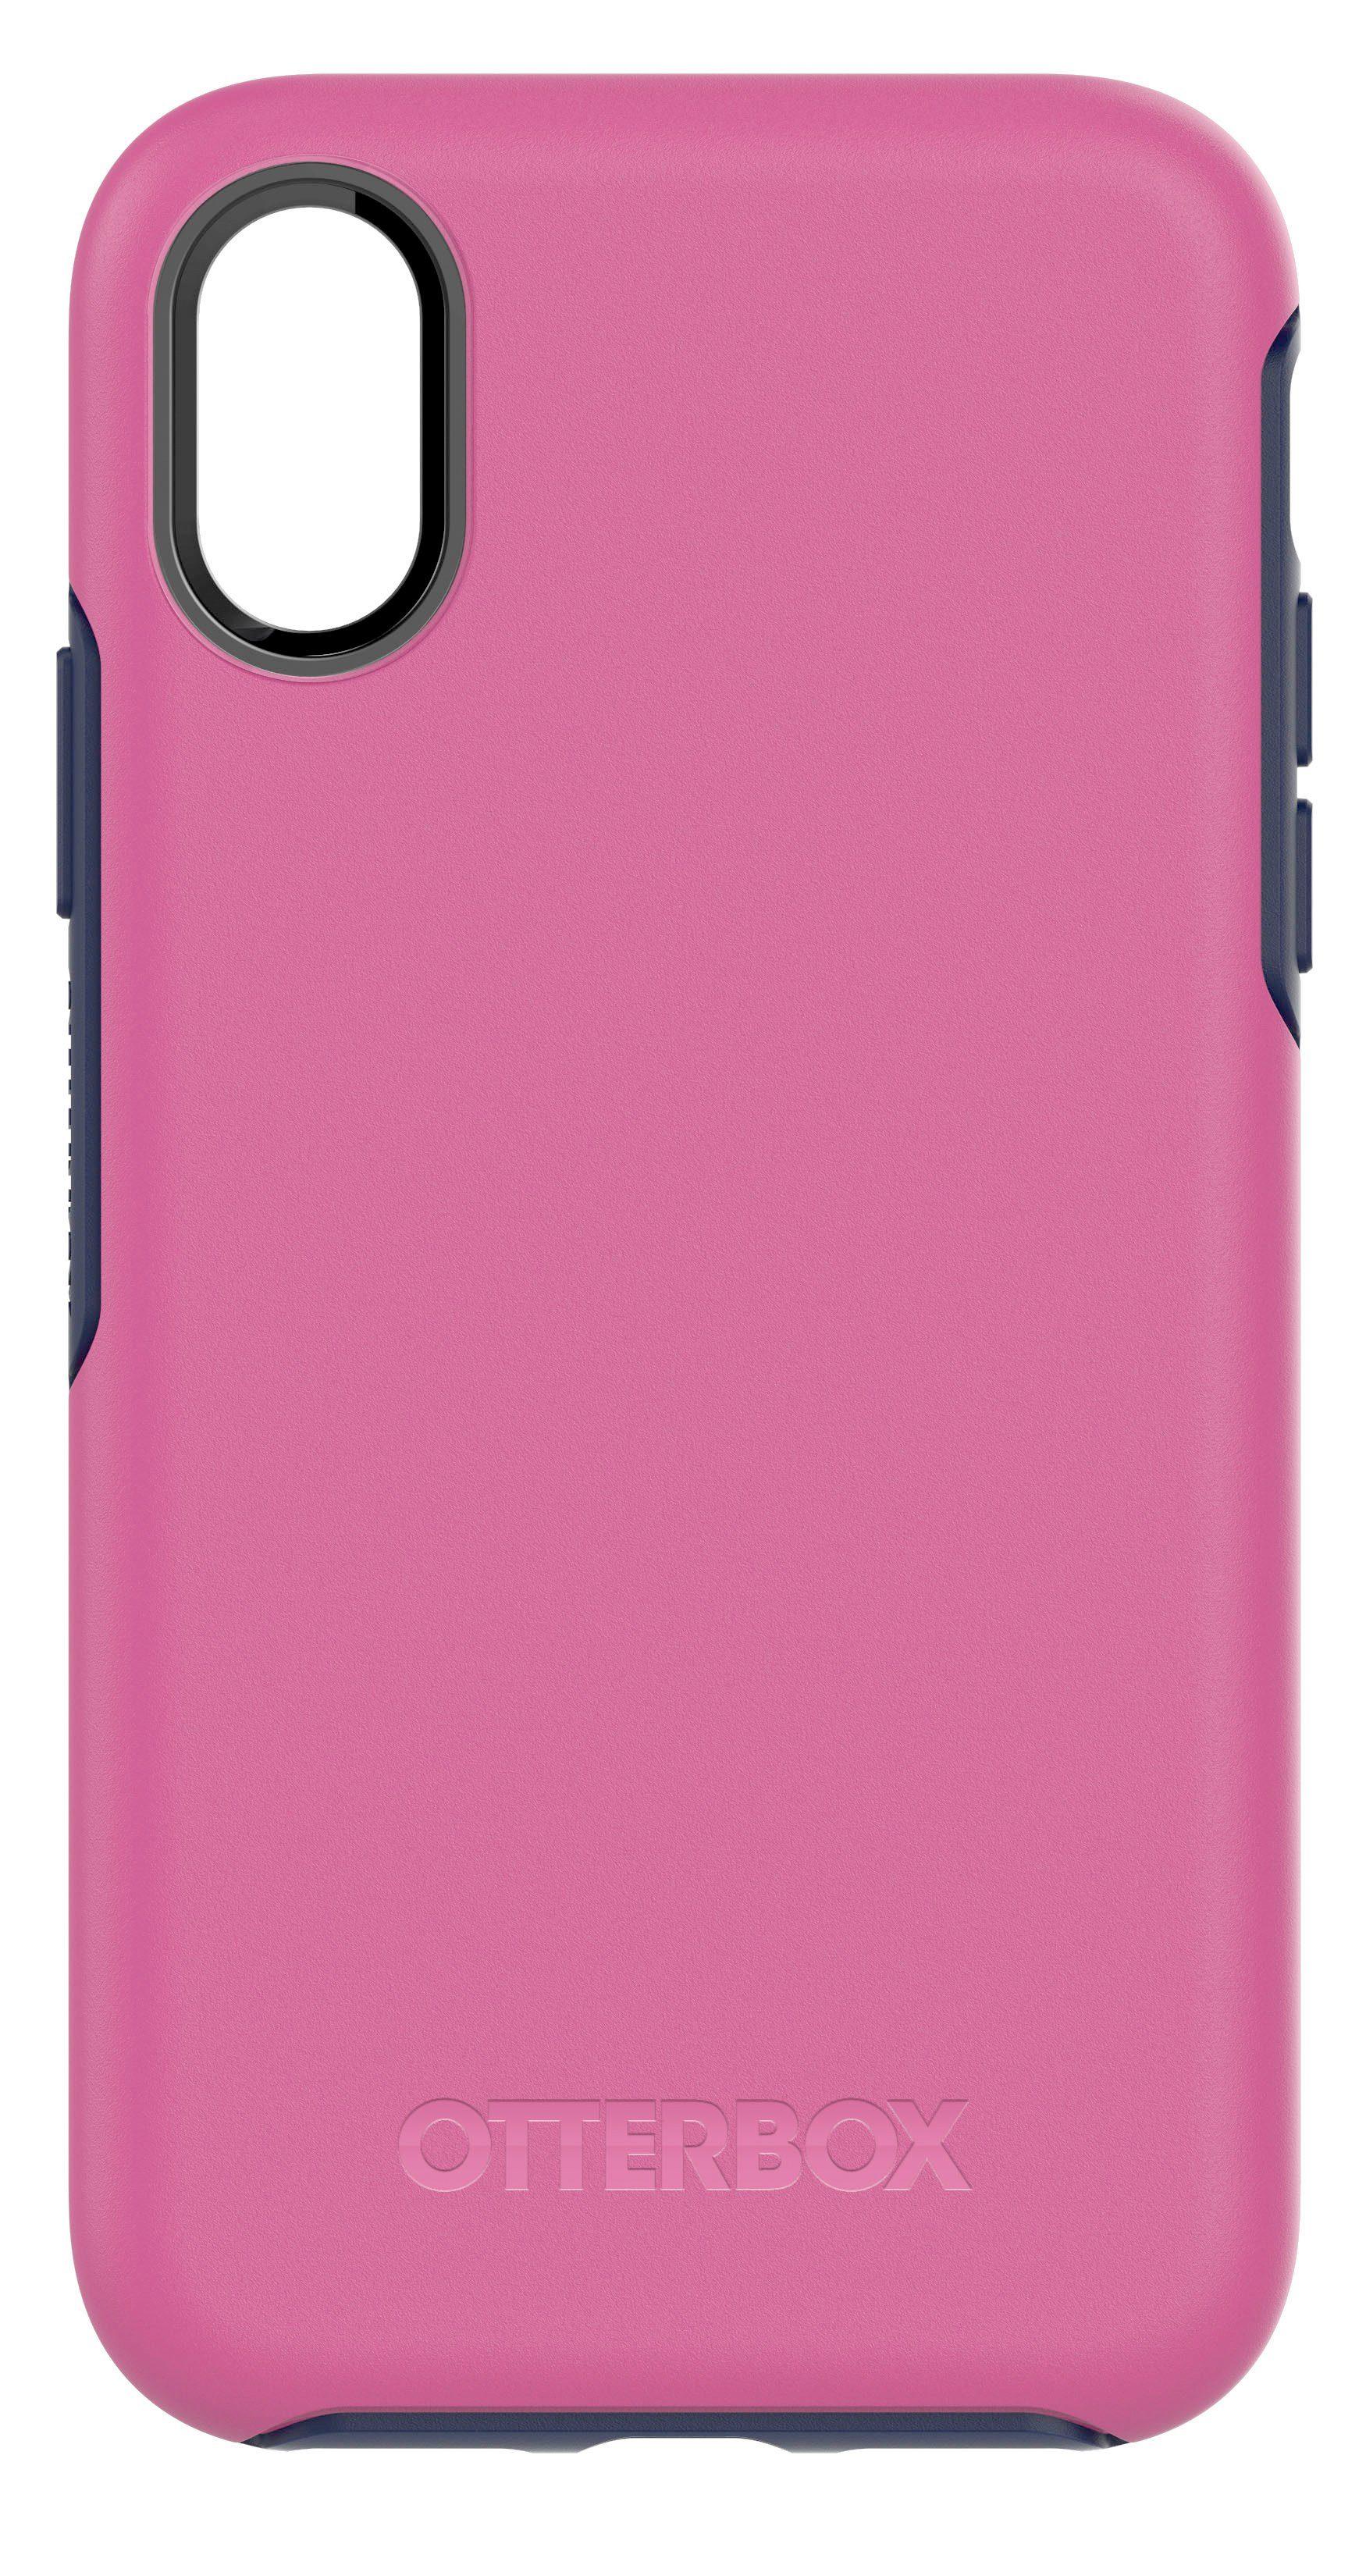 OtterBox Schutzhülle »Otterbox Symmetry Pink«